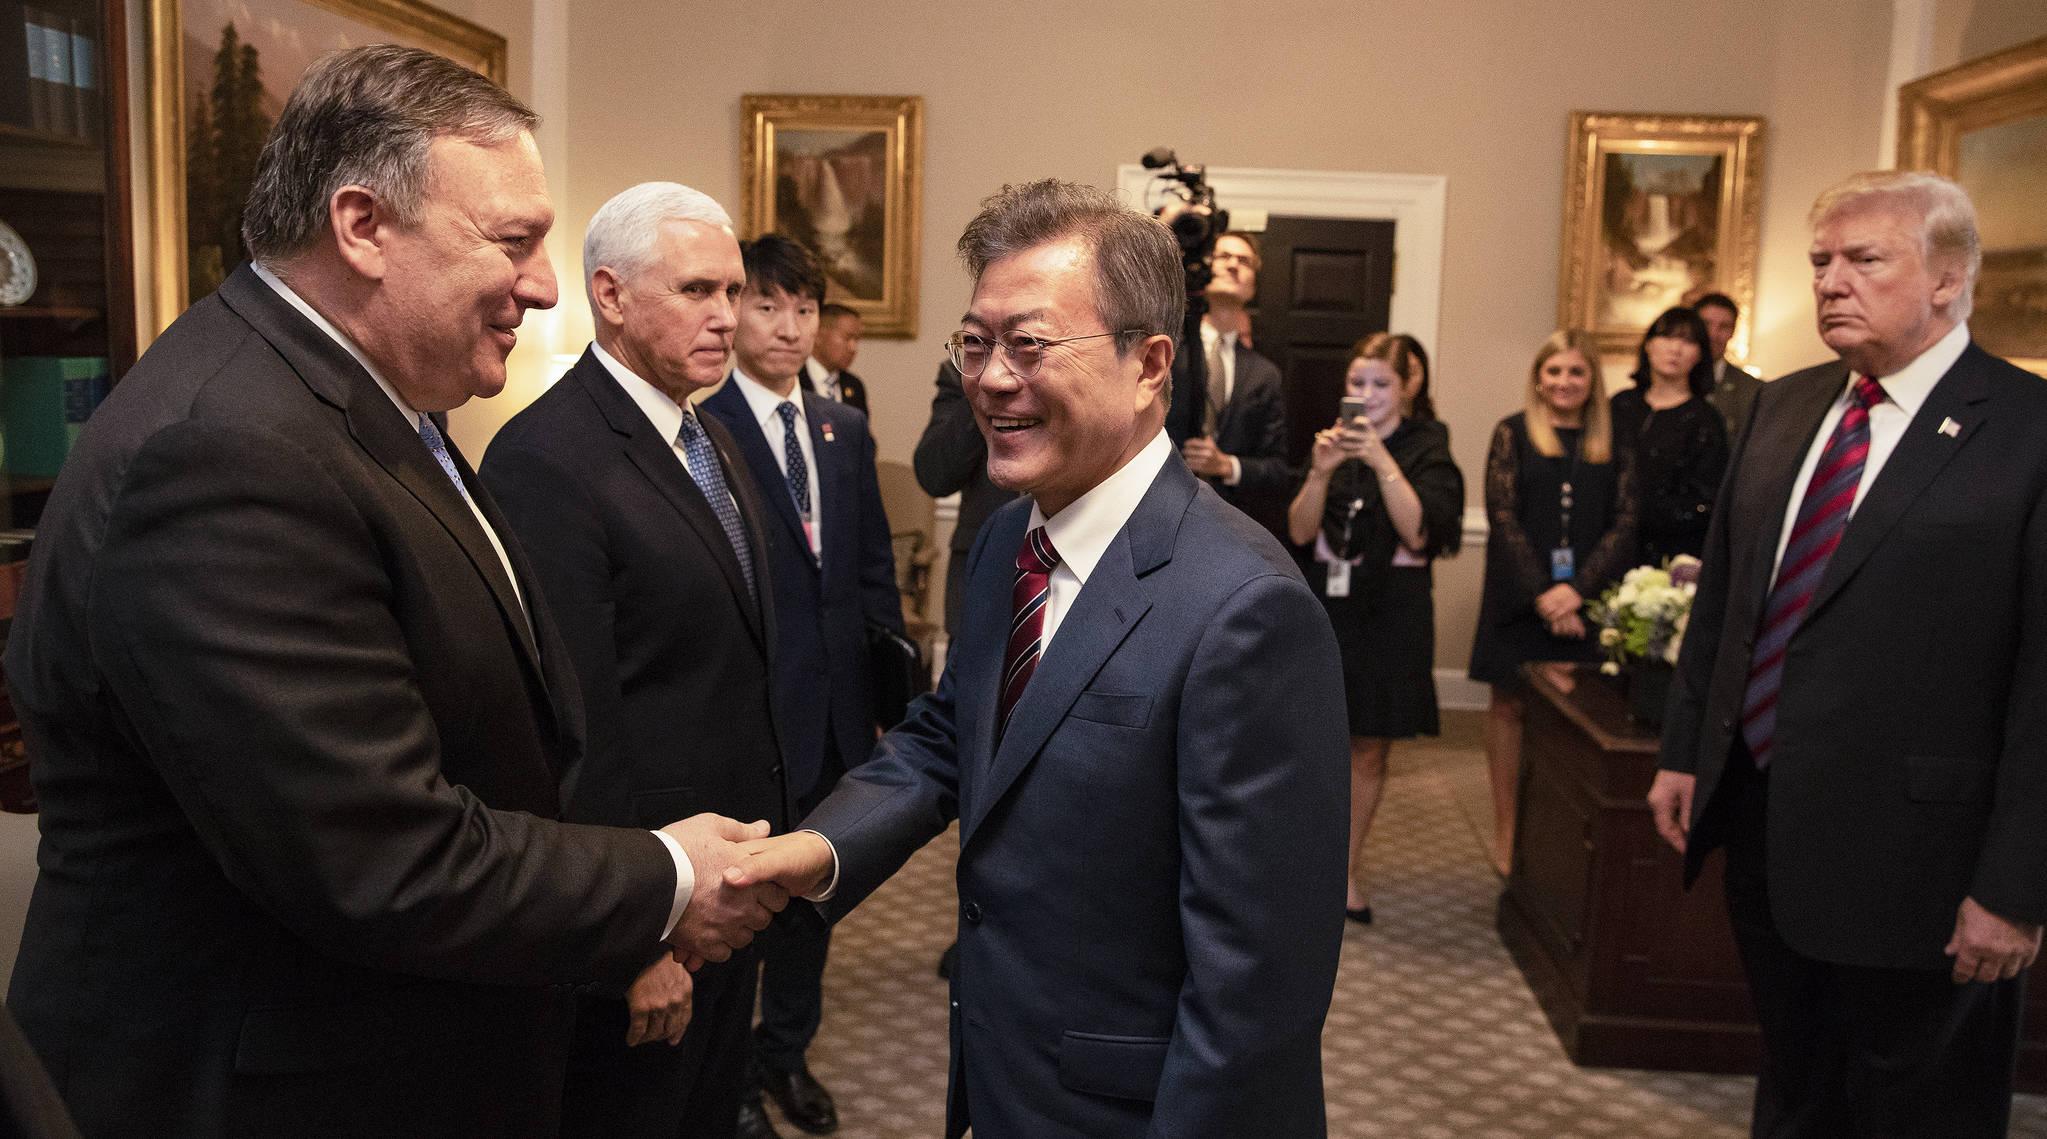 문재인 대통령이 22일 오후(현지시간) 백악관에 도착해 도널드 트럼프 대통령 안내로 폼페이오 미 국무장관과 악수하고 있다. [연합뉴스]